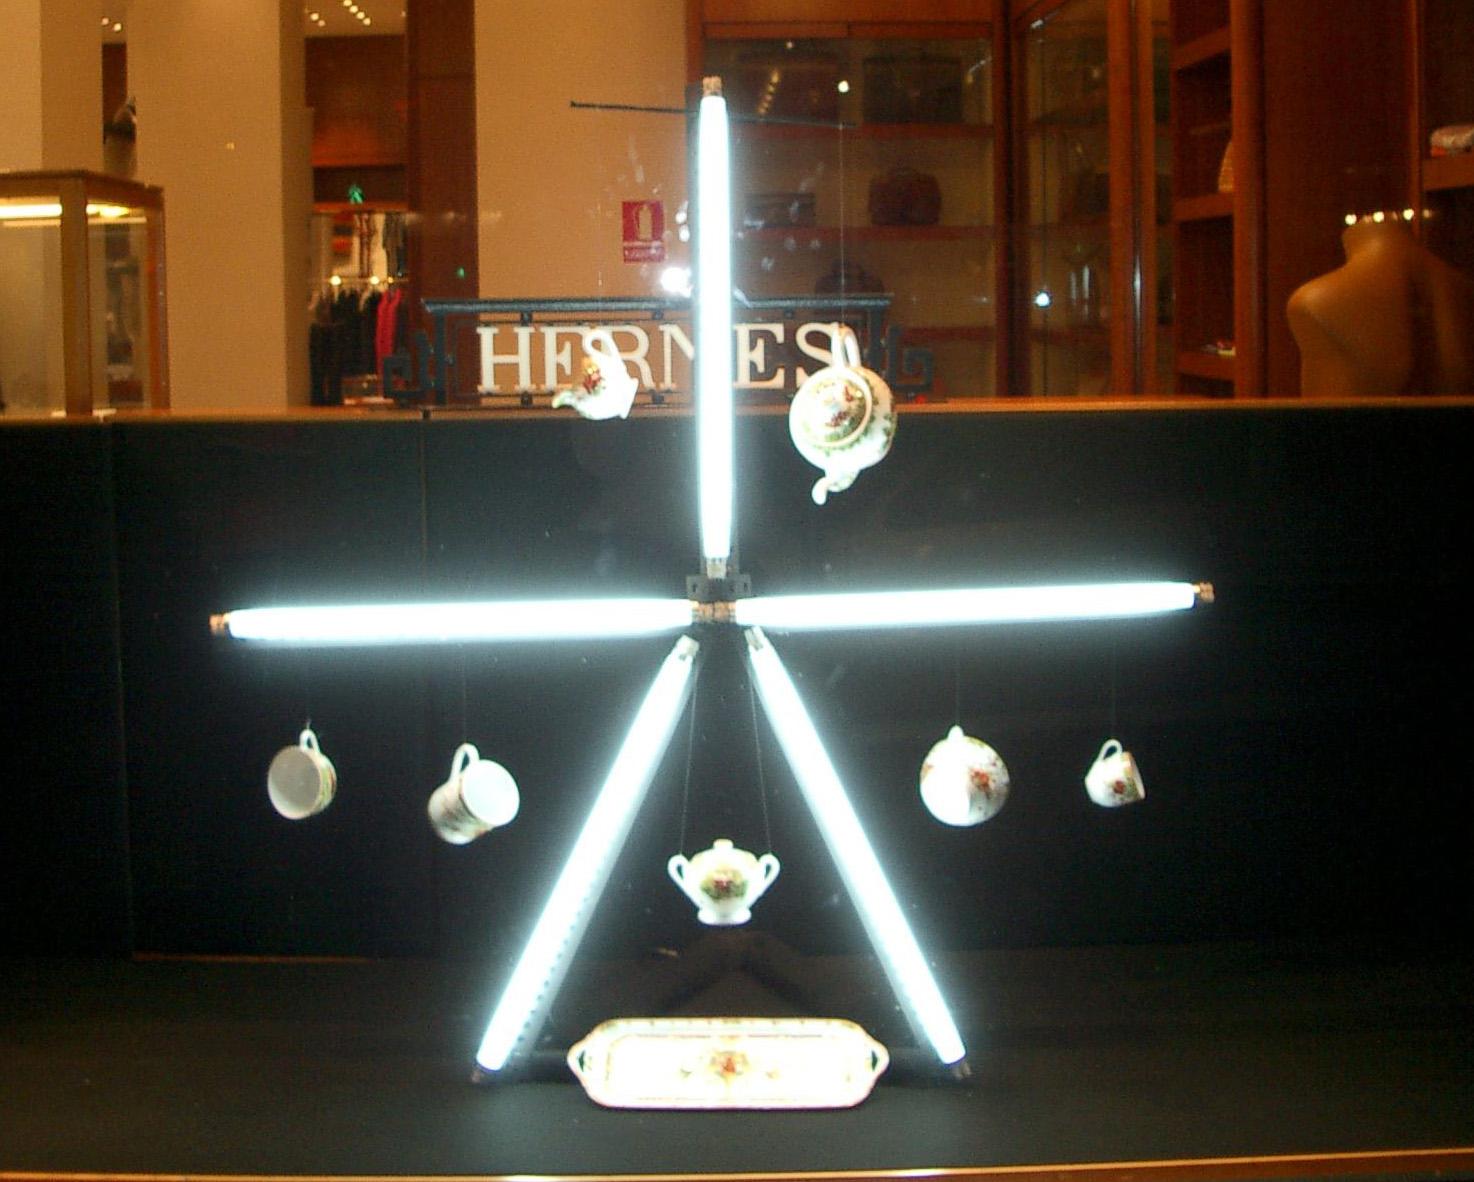 HERMES TEA STAR.jpg